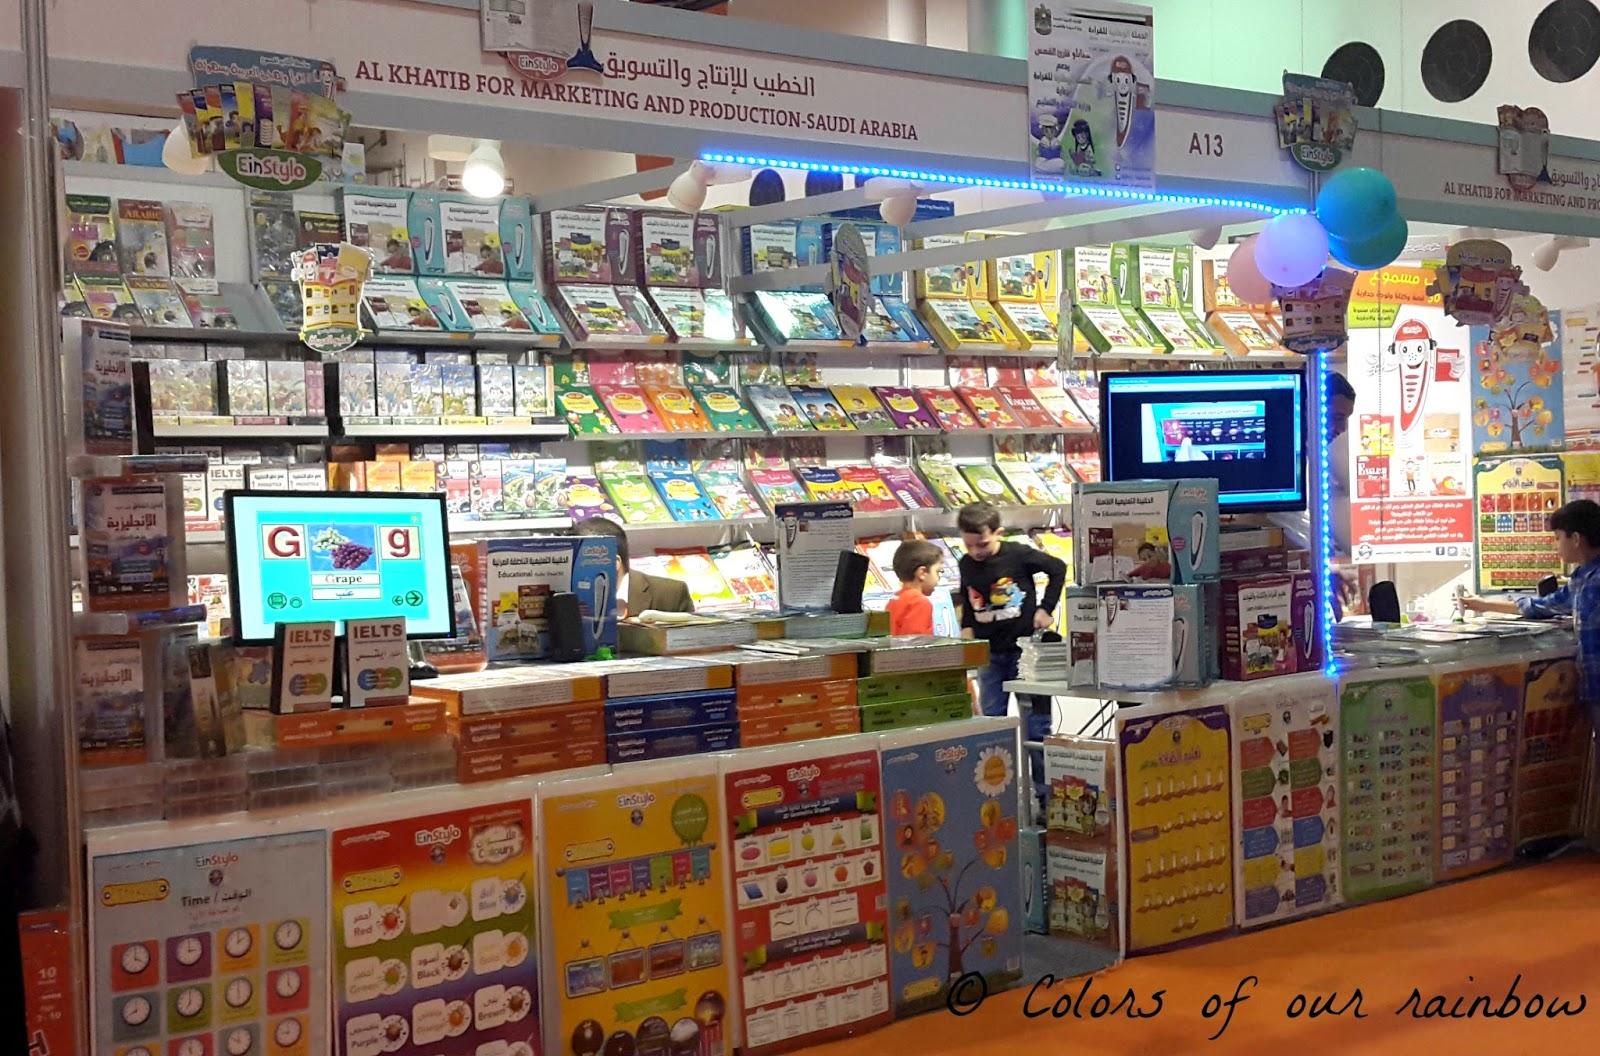 Sharjah book fair 2014